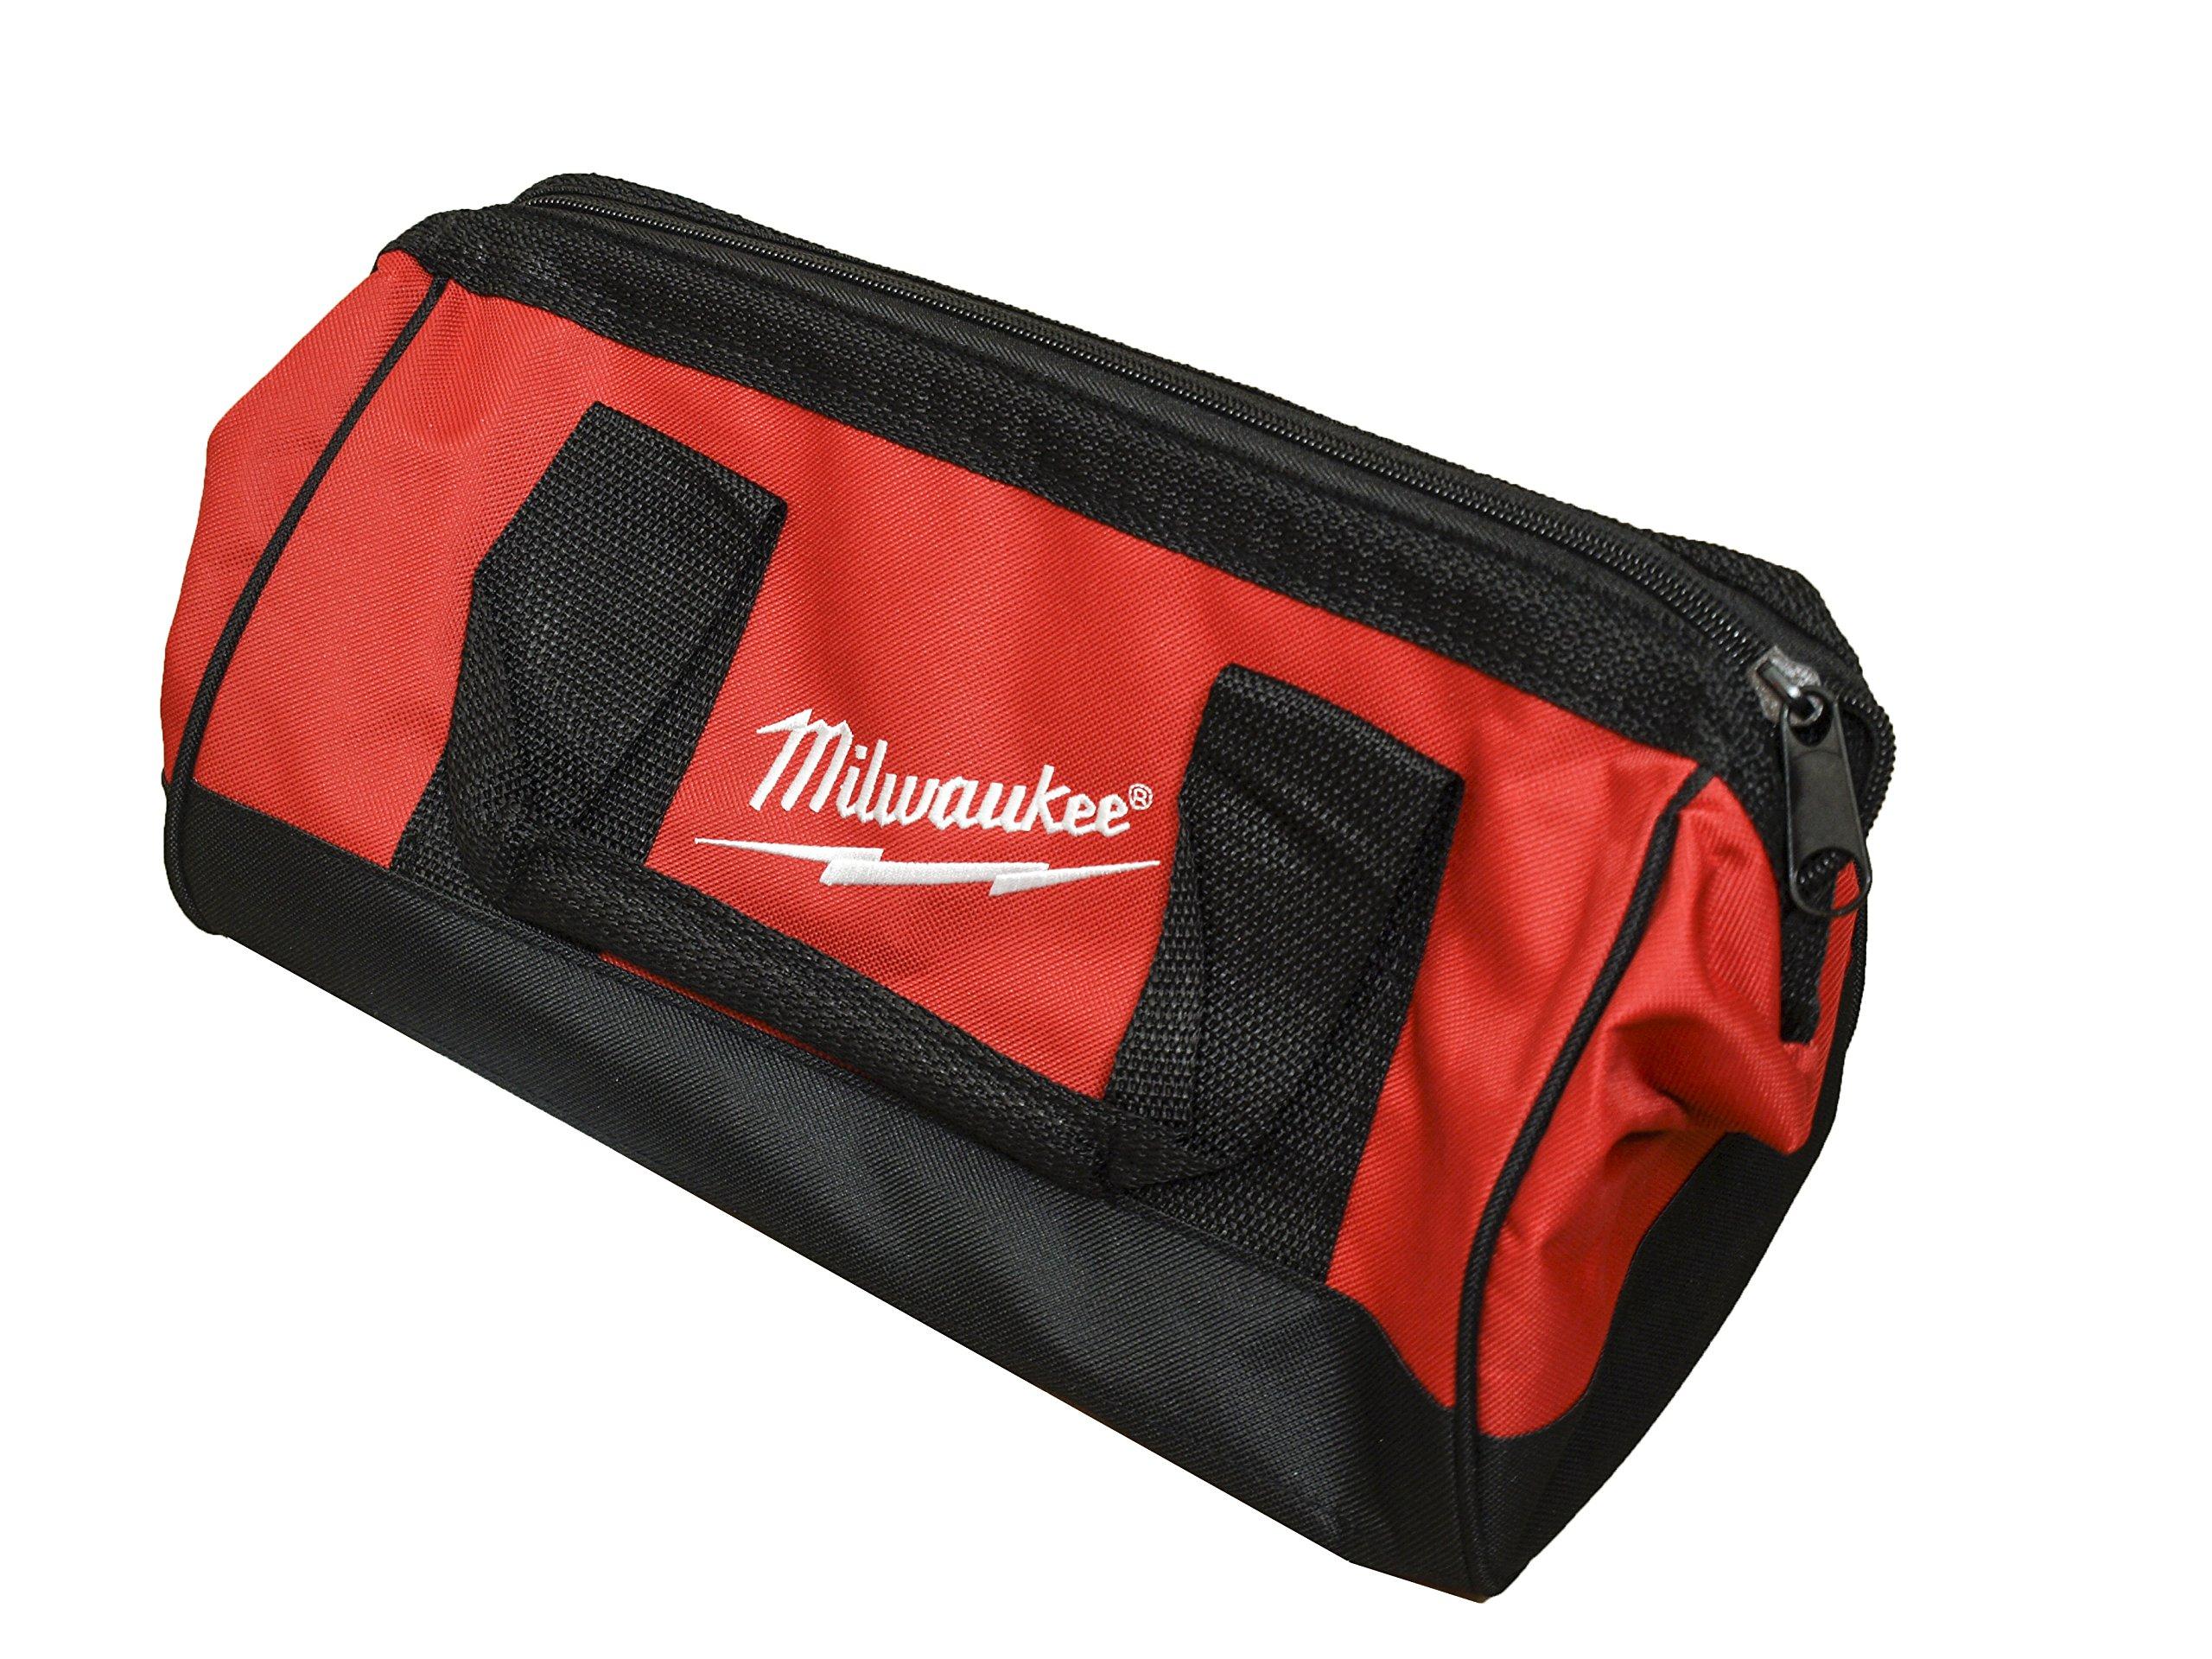 Milwaukee Bag13x6x8nch Heavy Duty Canvas Tool Bag 6 Pocket